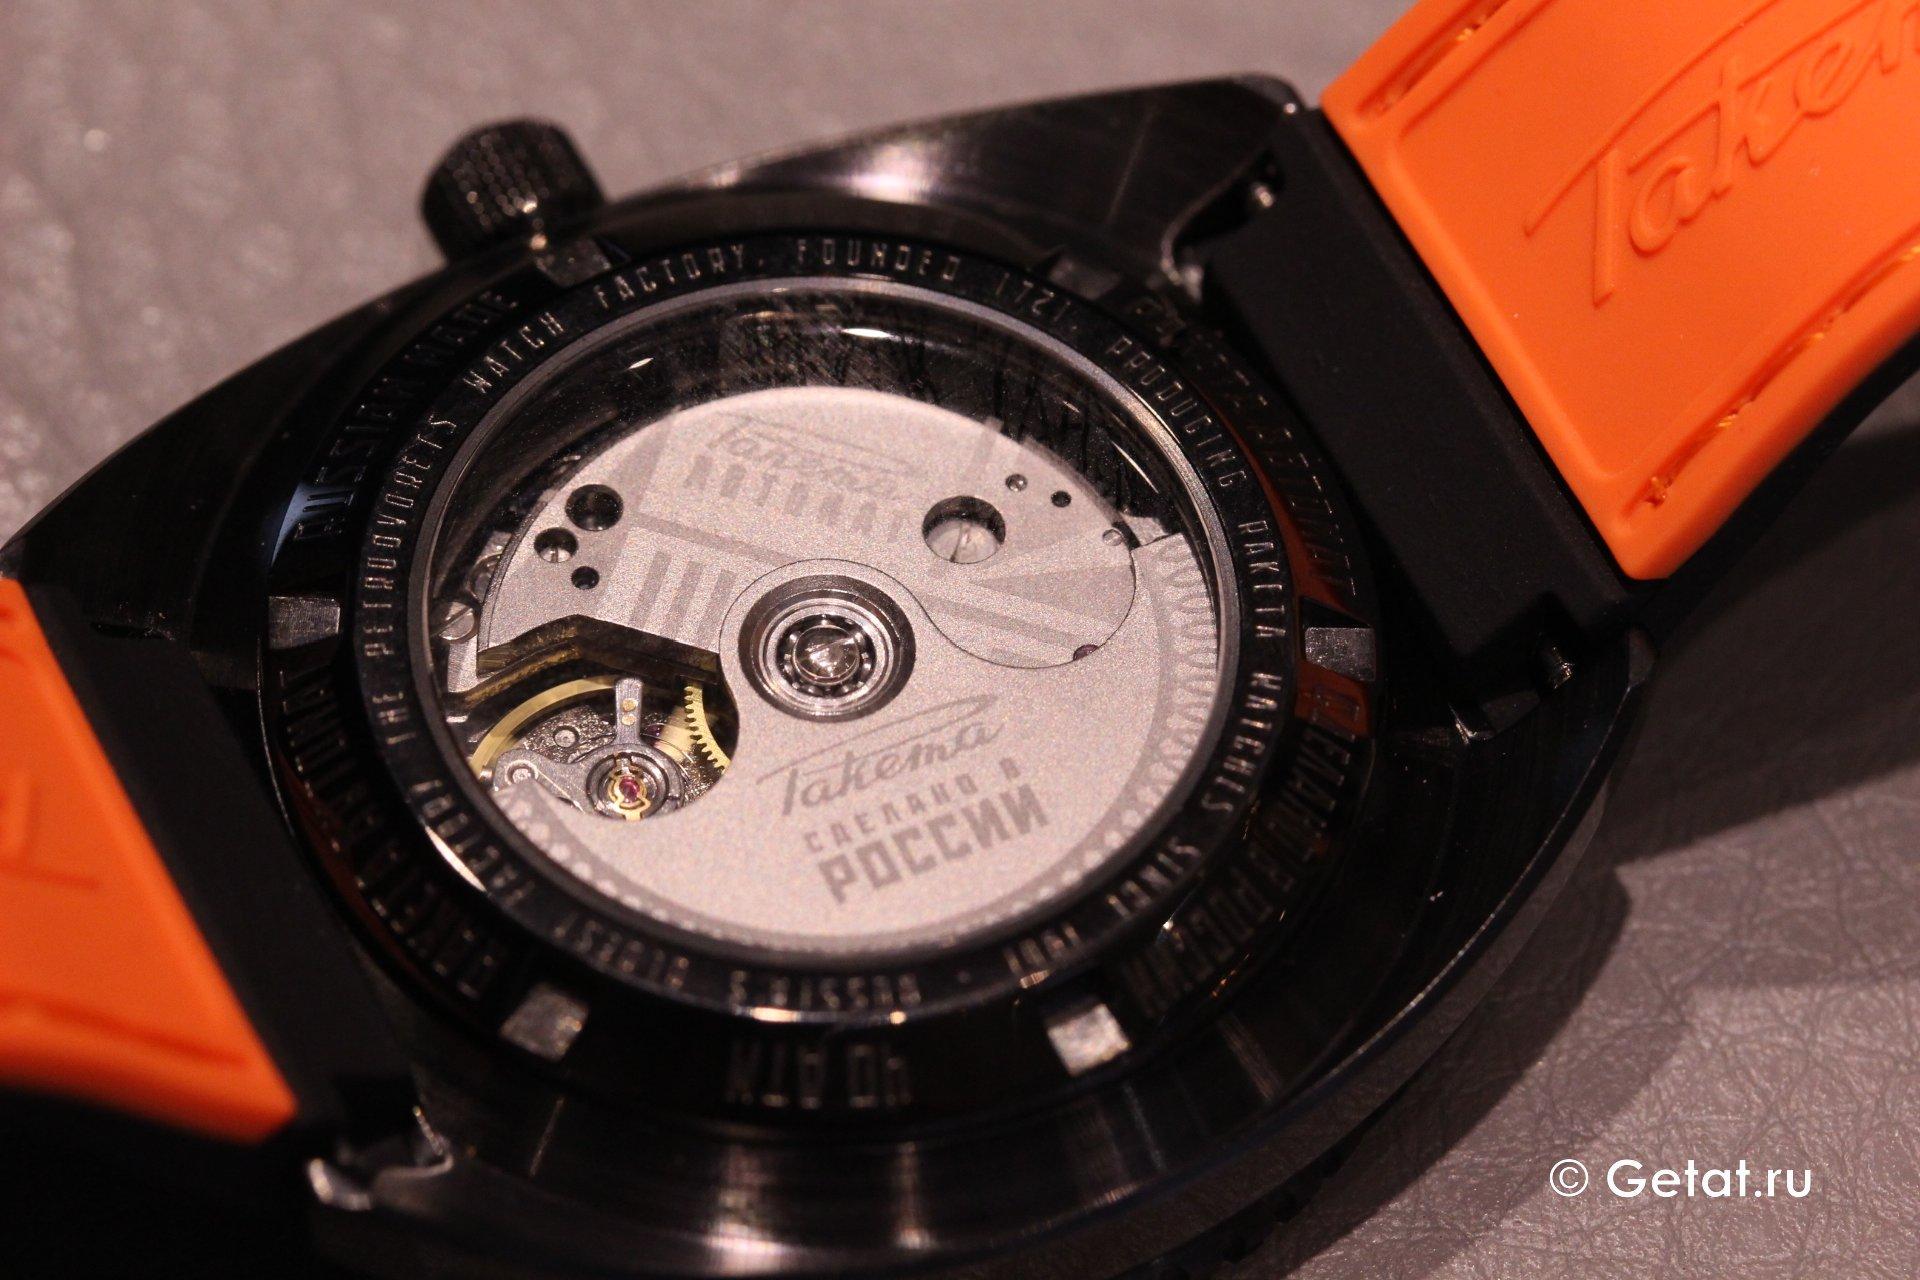 45e771bc Российские часы Ракета с мануфактурным механизмом - мини-обзор